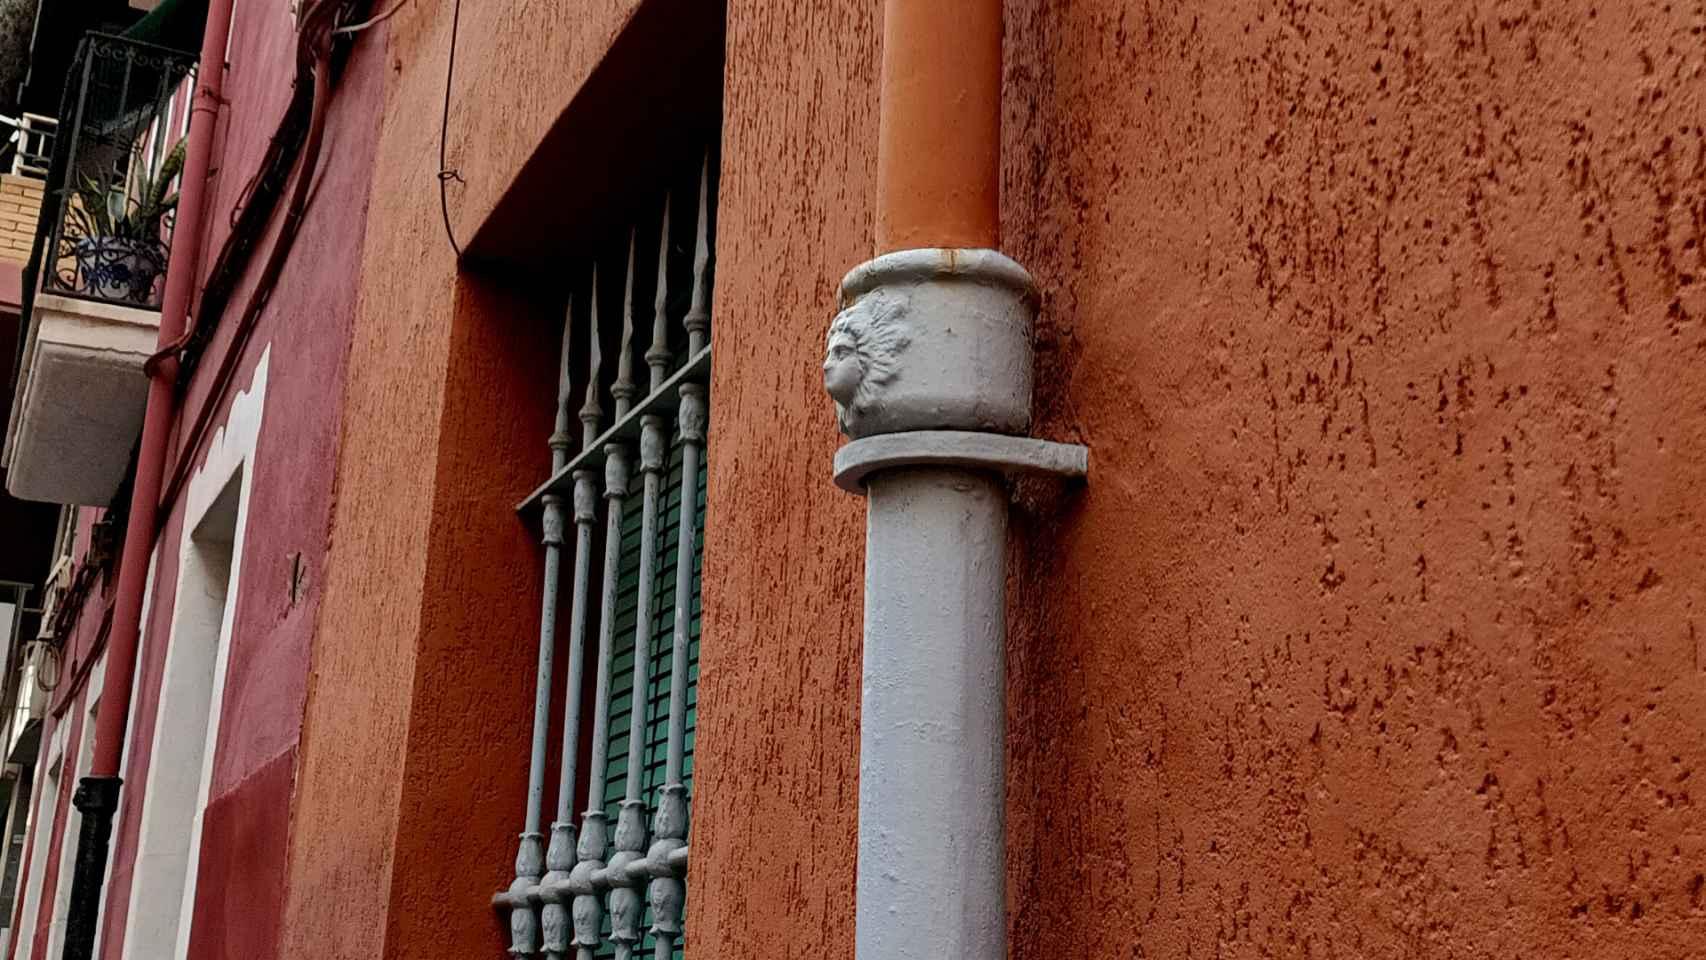 Las 'Caras del Agua' pueden verse en las calles en el Casco Antiguo de las ciudades valencianas. Andrea Reinosa